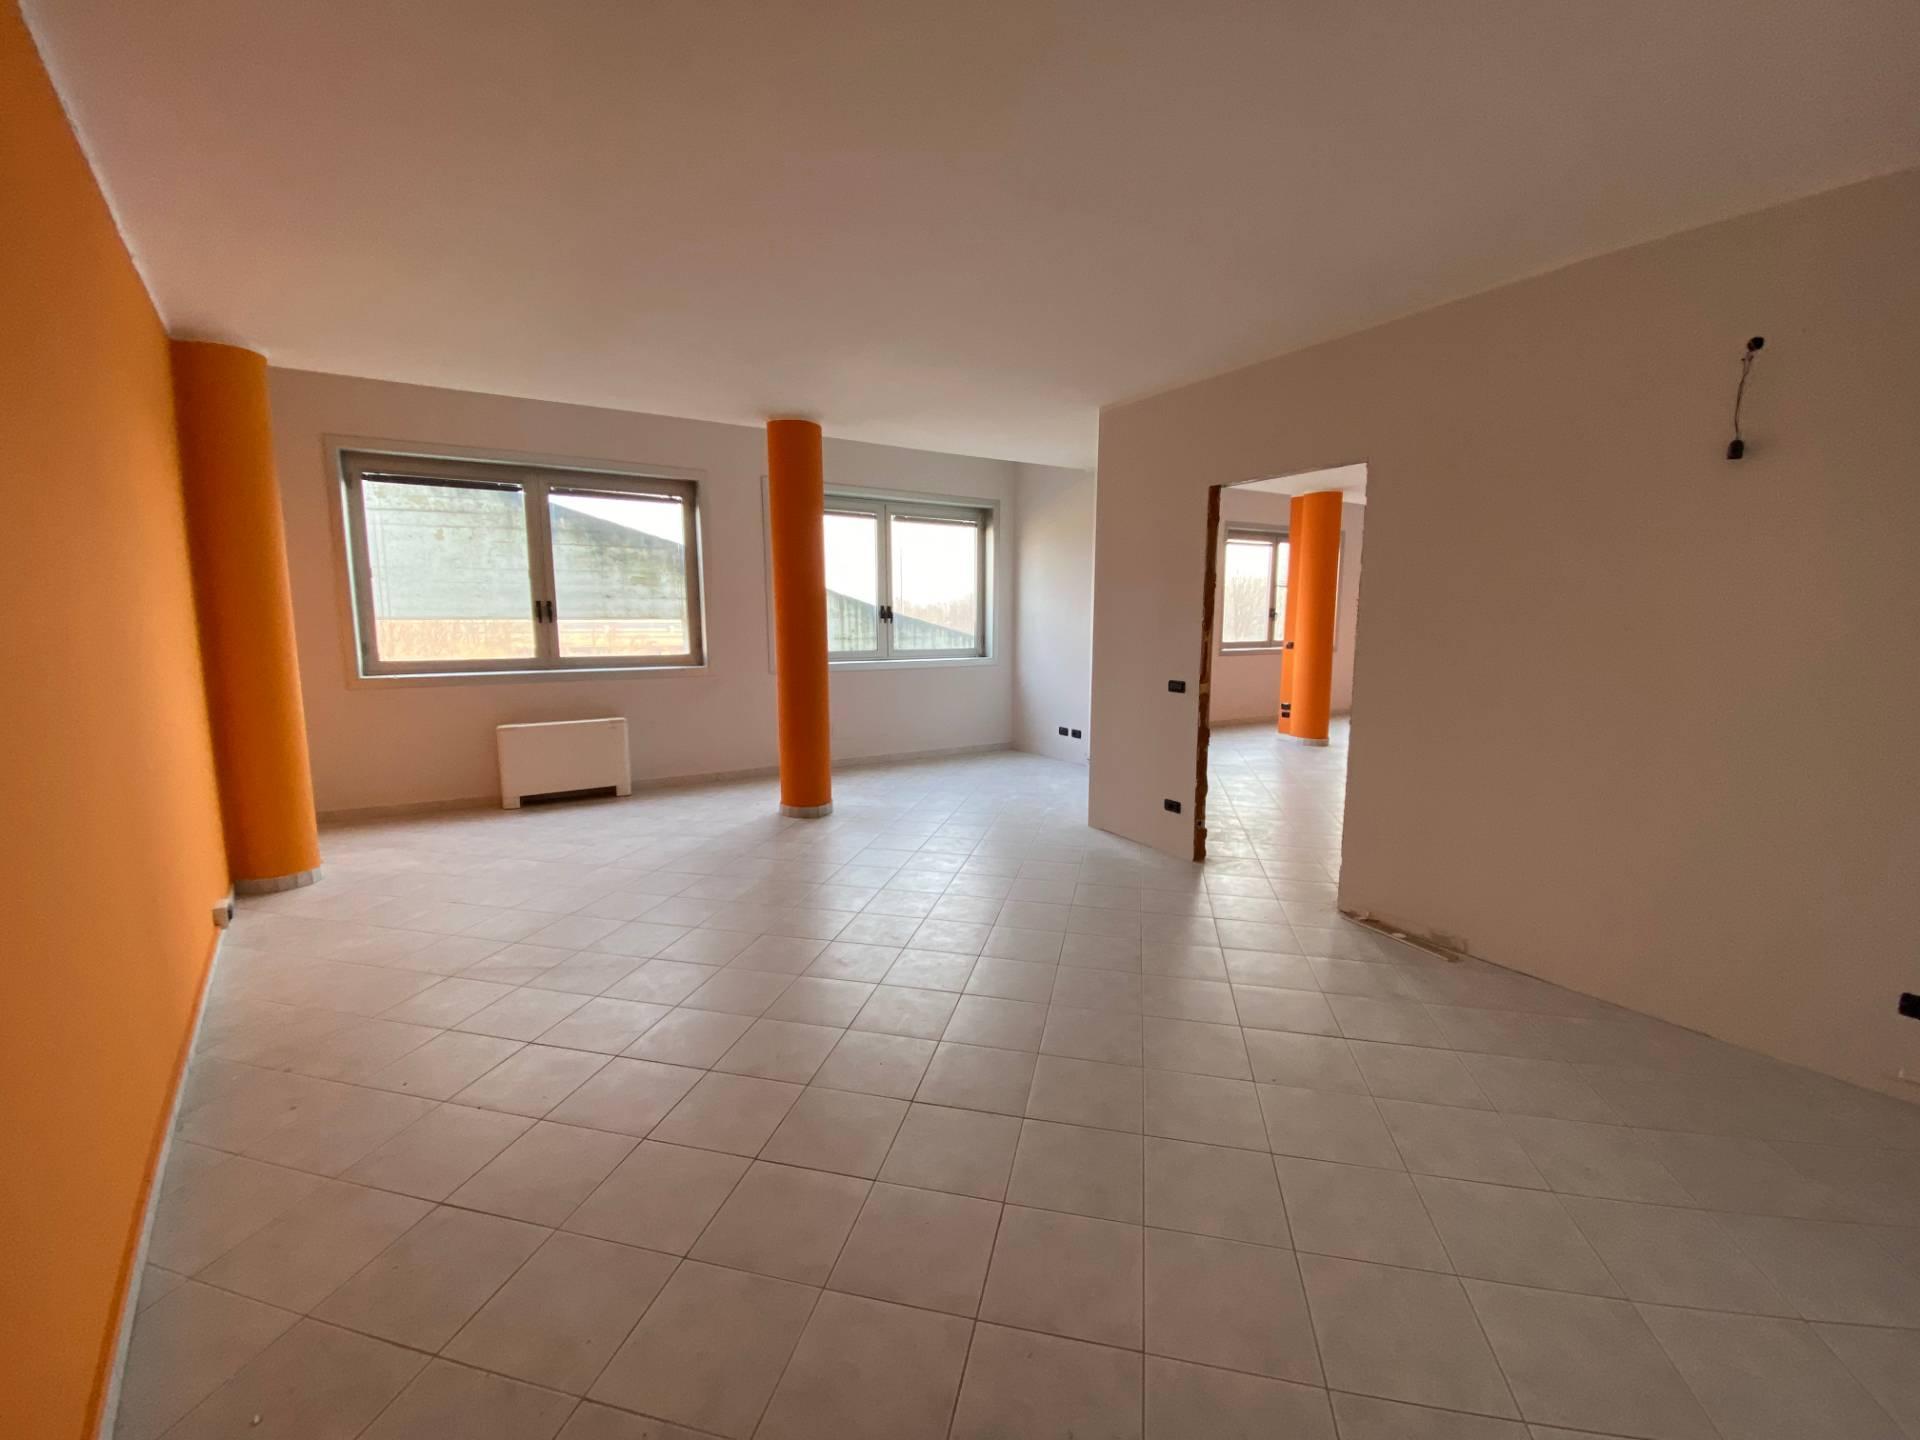 Negozio / Locale in affitto a Rosta, 9999 locali, zona Località: CorsoMoncenisio, prezzo € 980 | CambioCasa.it